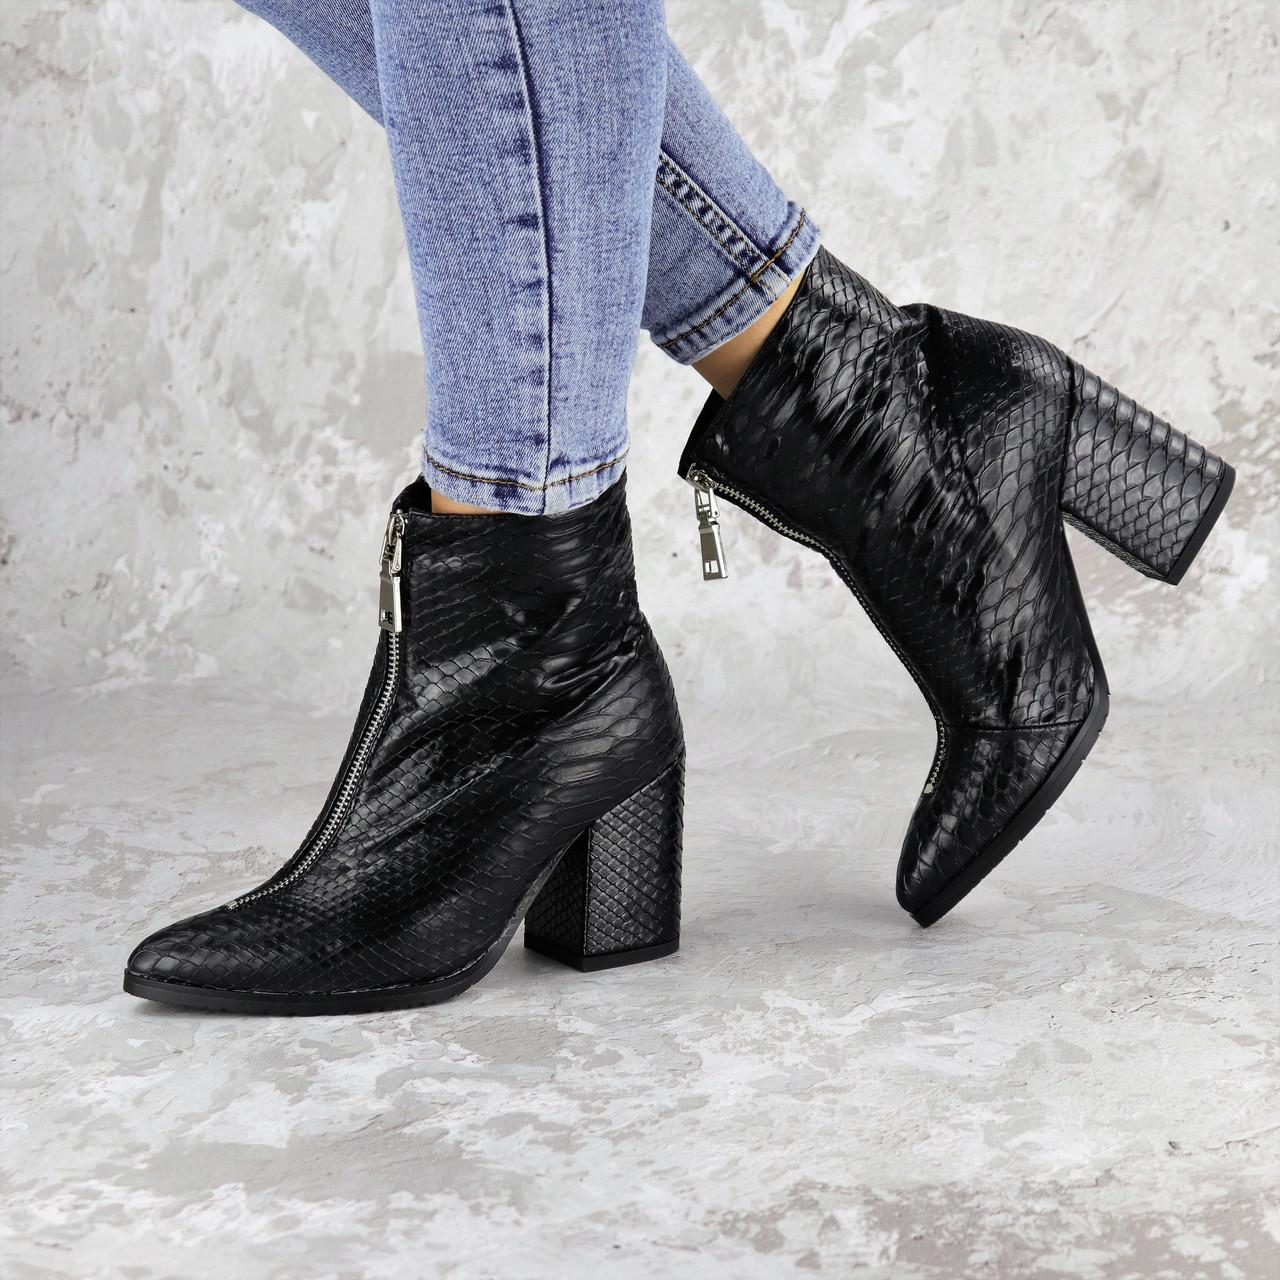 Черевики жіночі Fashion Timo 2144 36 розмір, 23,5 см Чорний